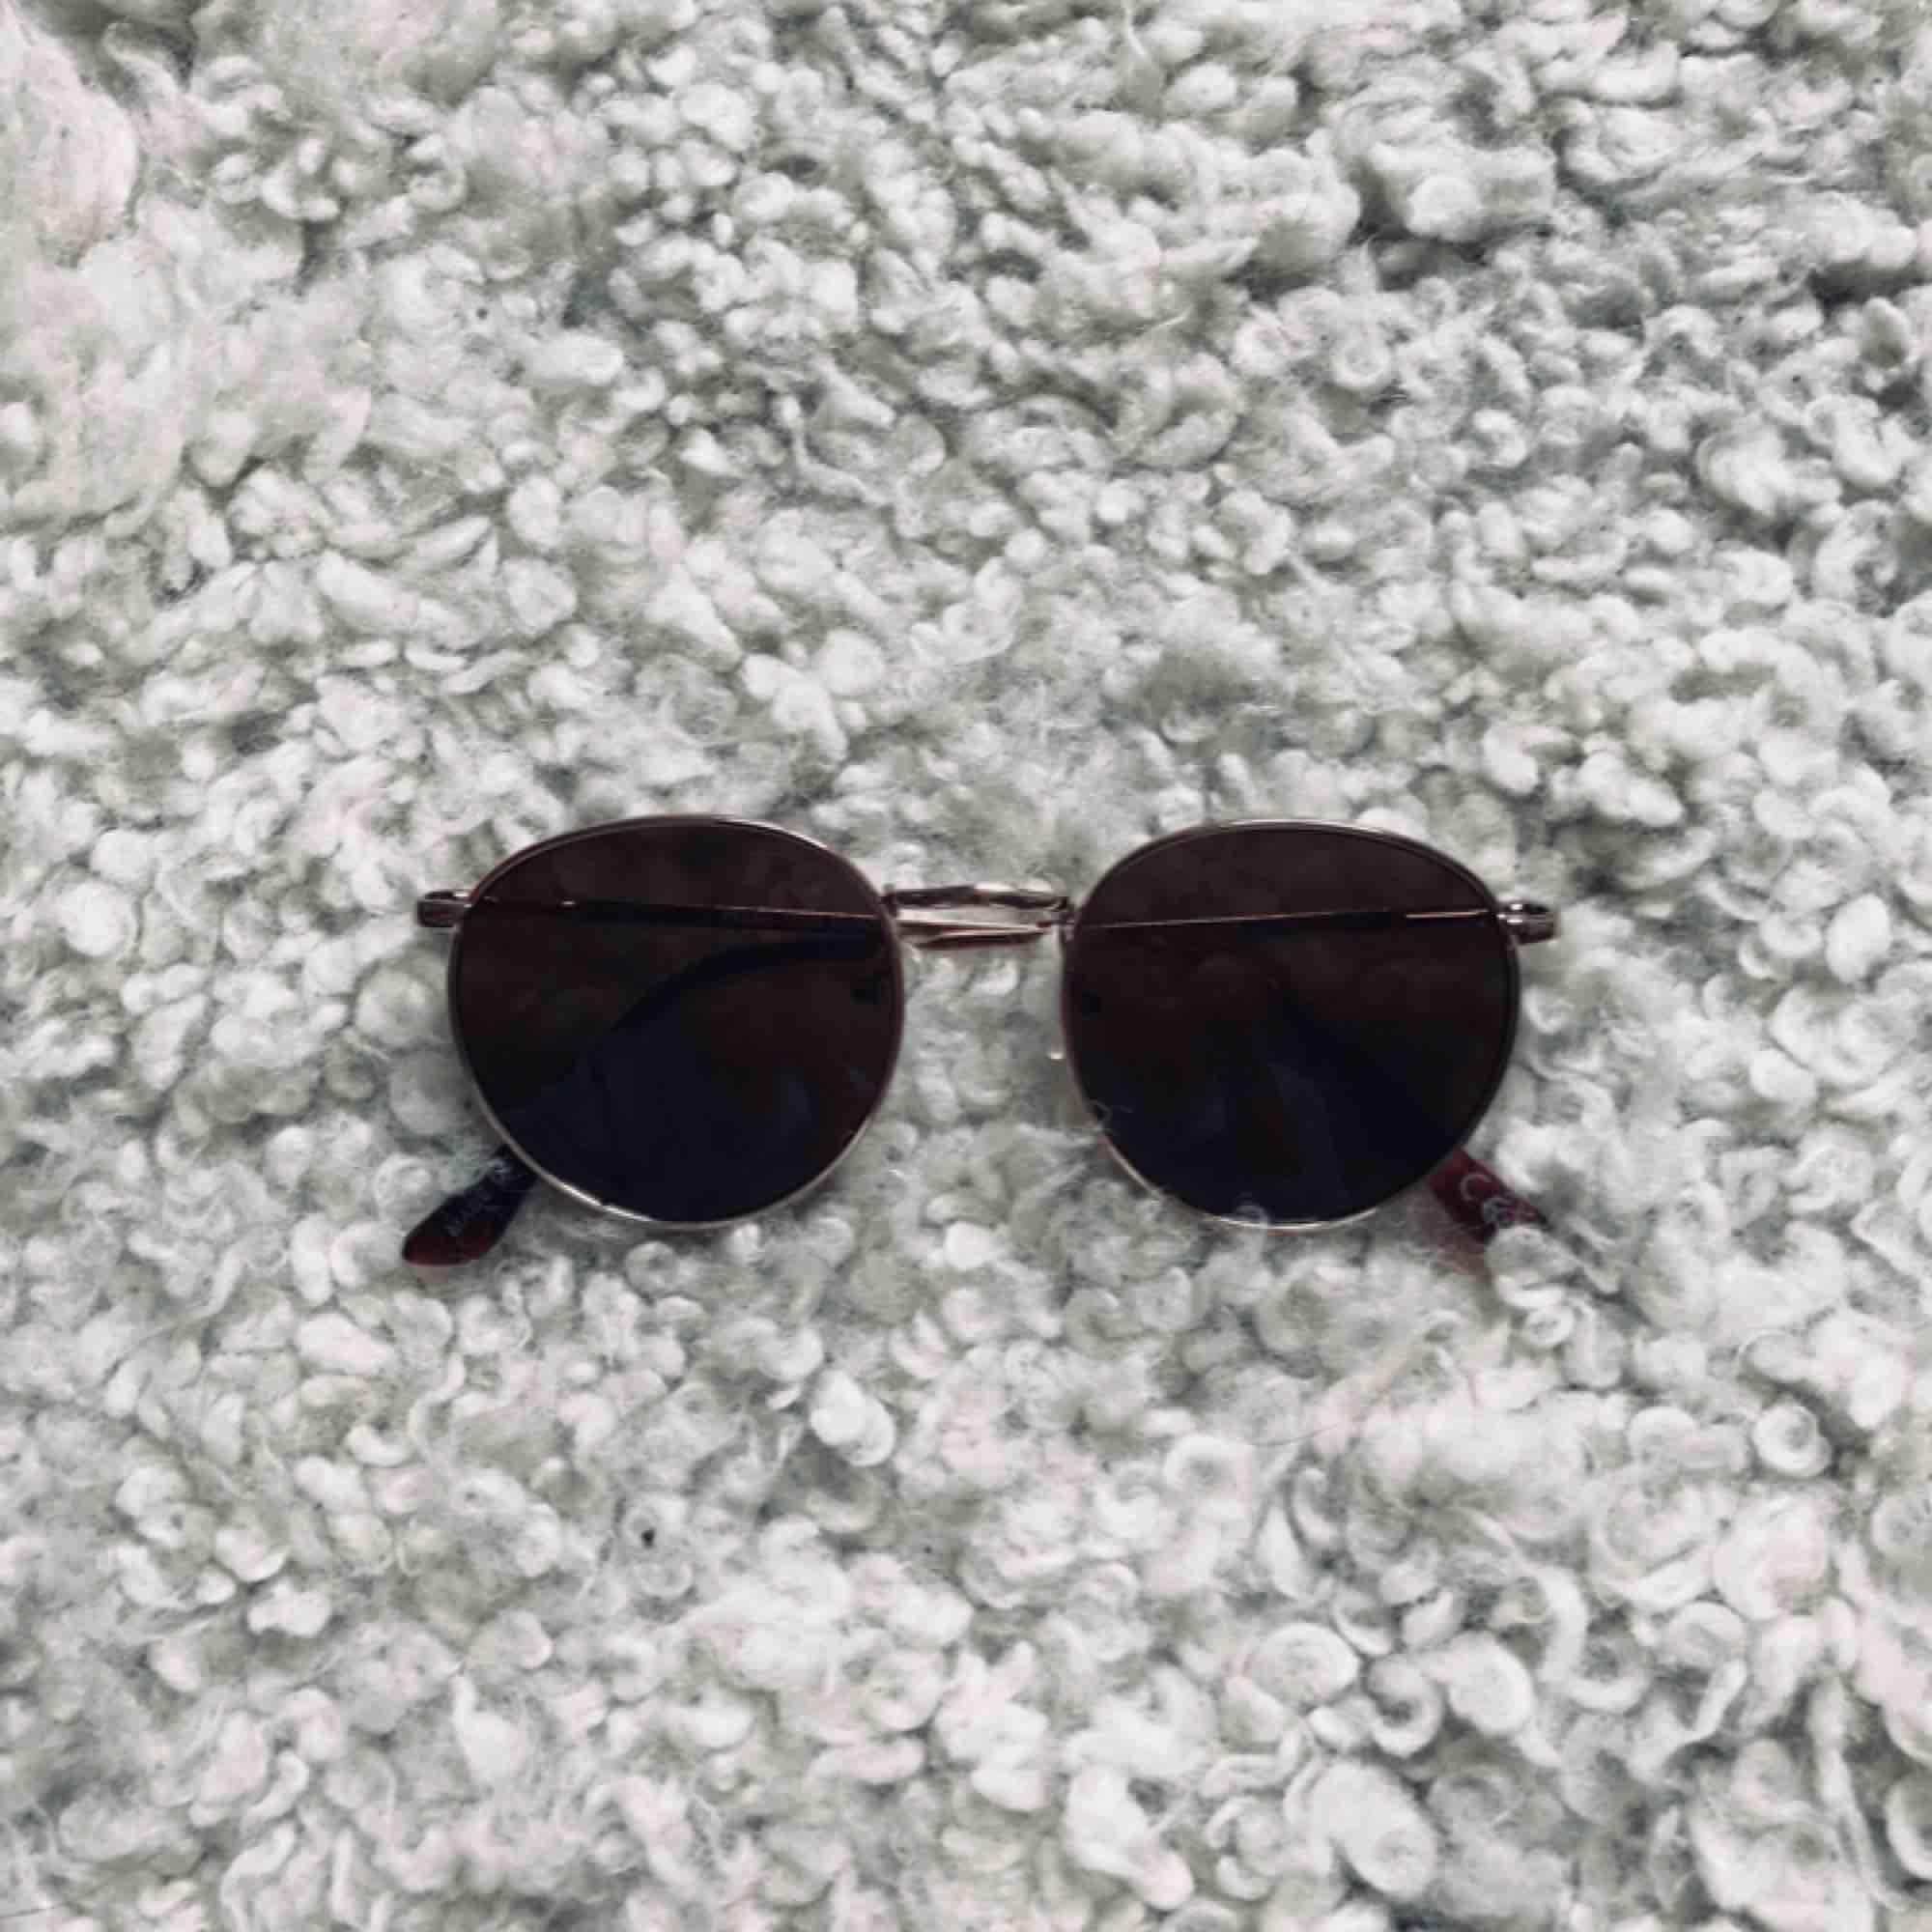 Solglasögon från Gina Tricot i nyskick. Aldrig använda. Säljer pga att de inte passar mig. Frakt betalas av köpare, jag tar swish🌈  (Kolla även in mina annonser för ev samfrakt). Accessoarer.